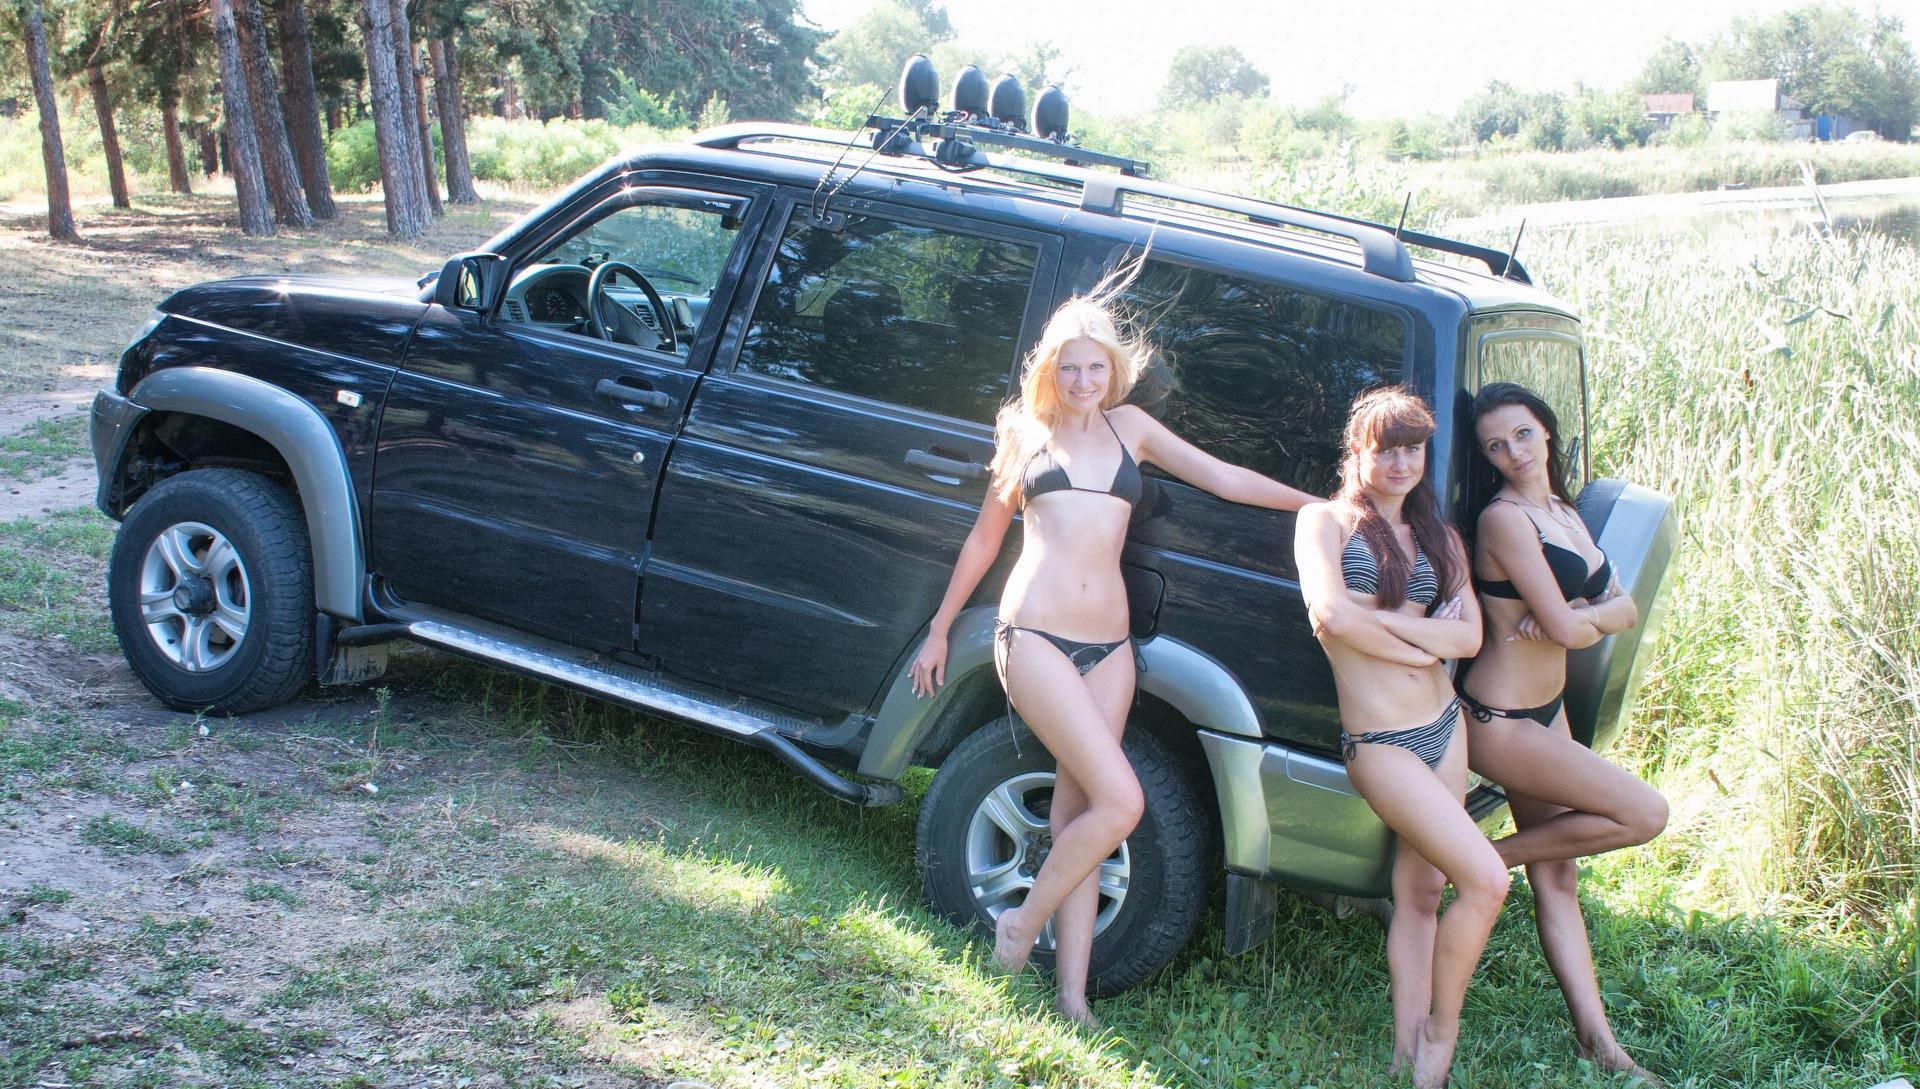 Фото пикапа девушек, Удачный пикап на улице порно фото 13 фотография